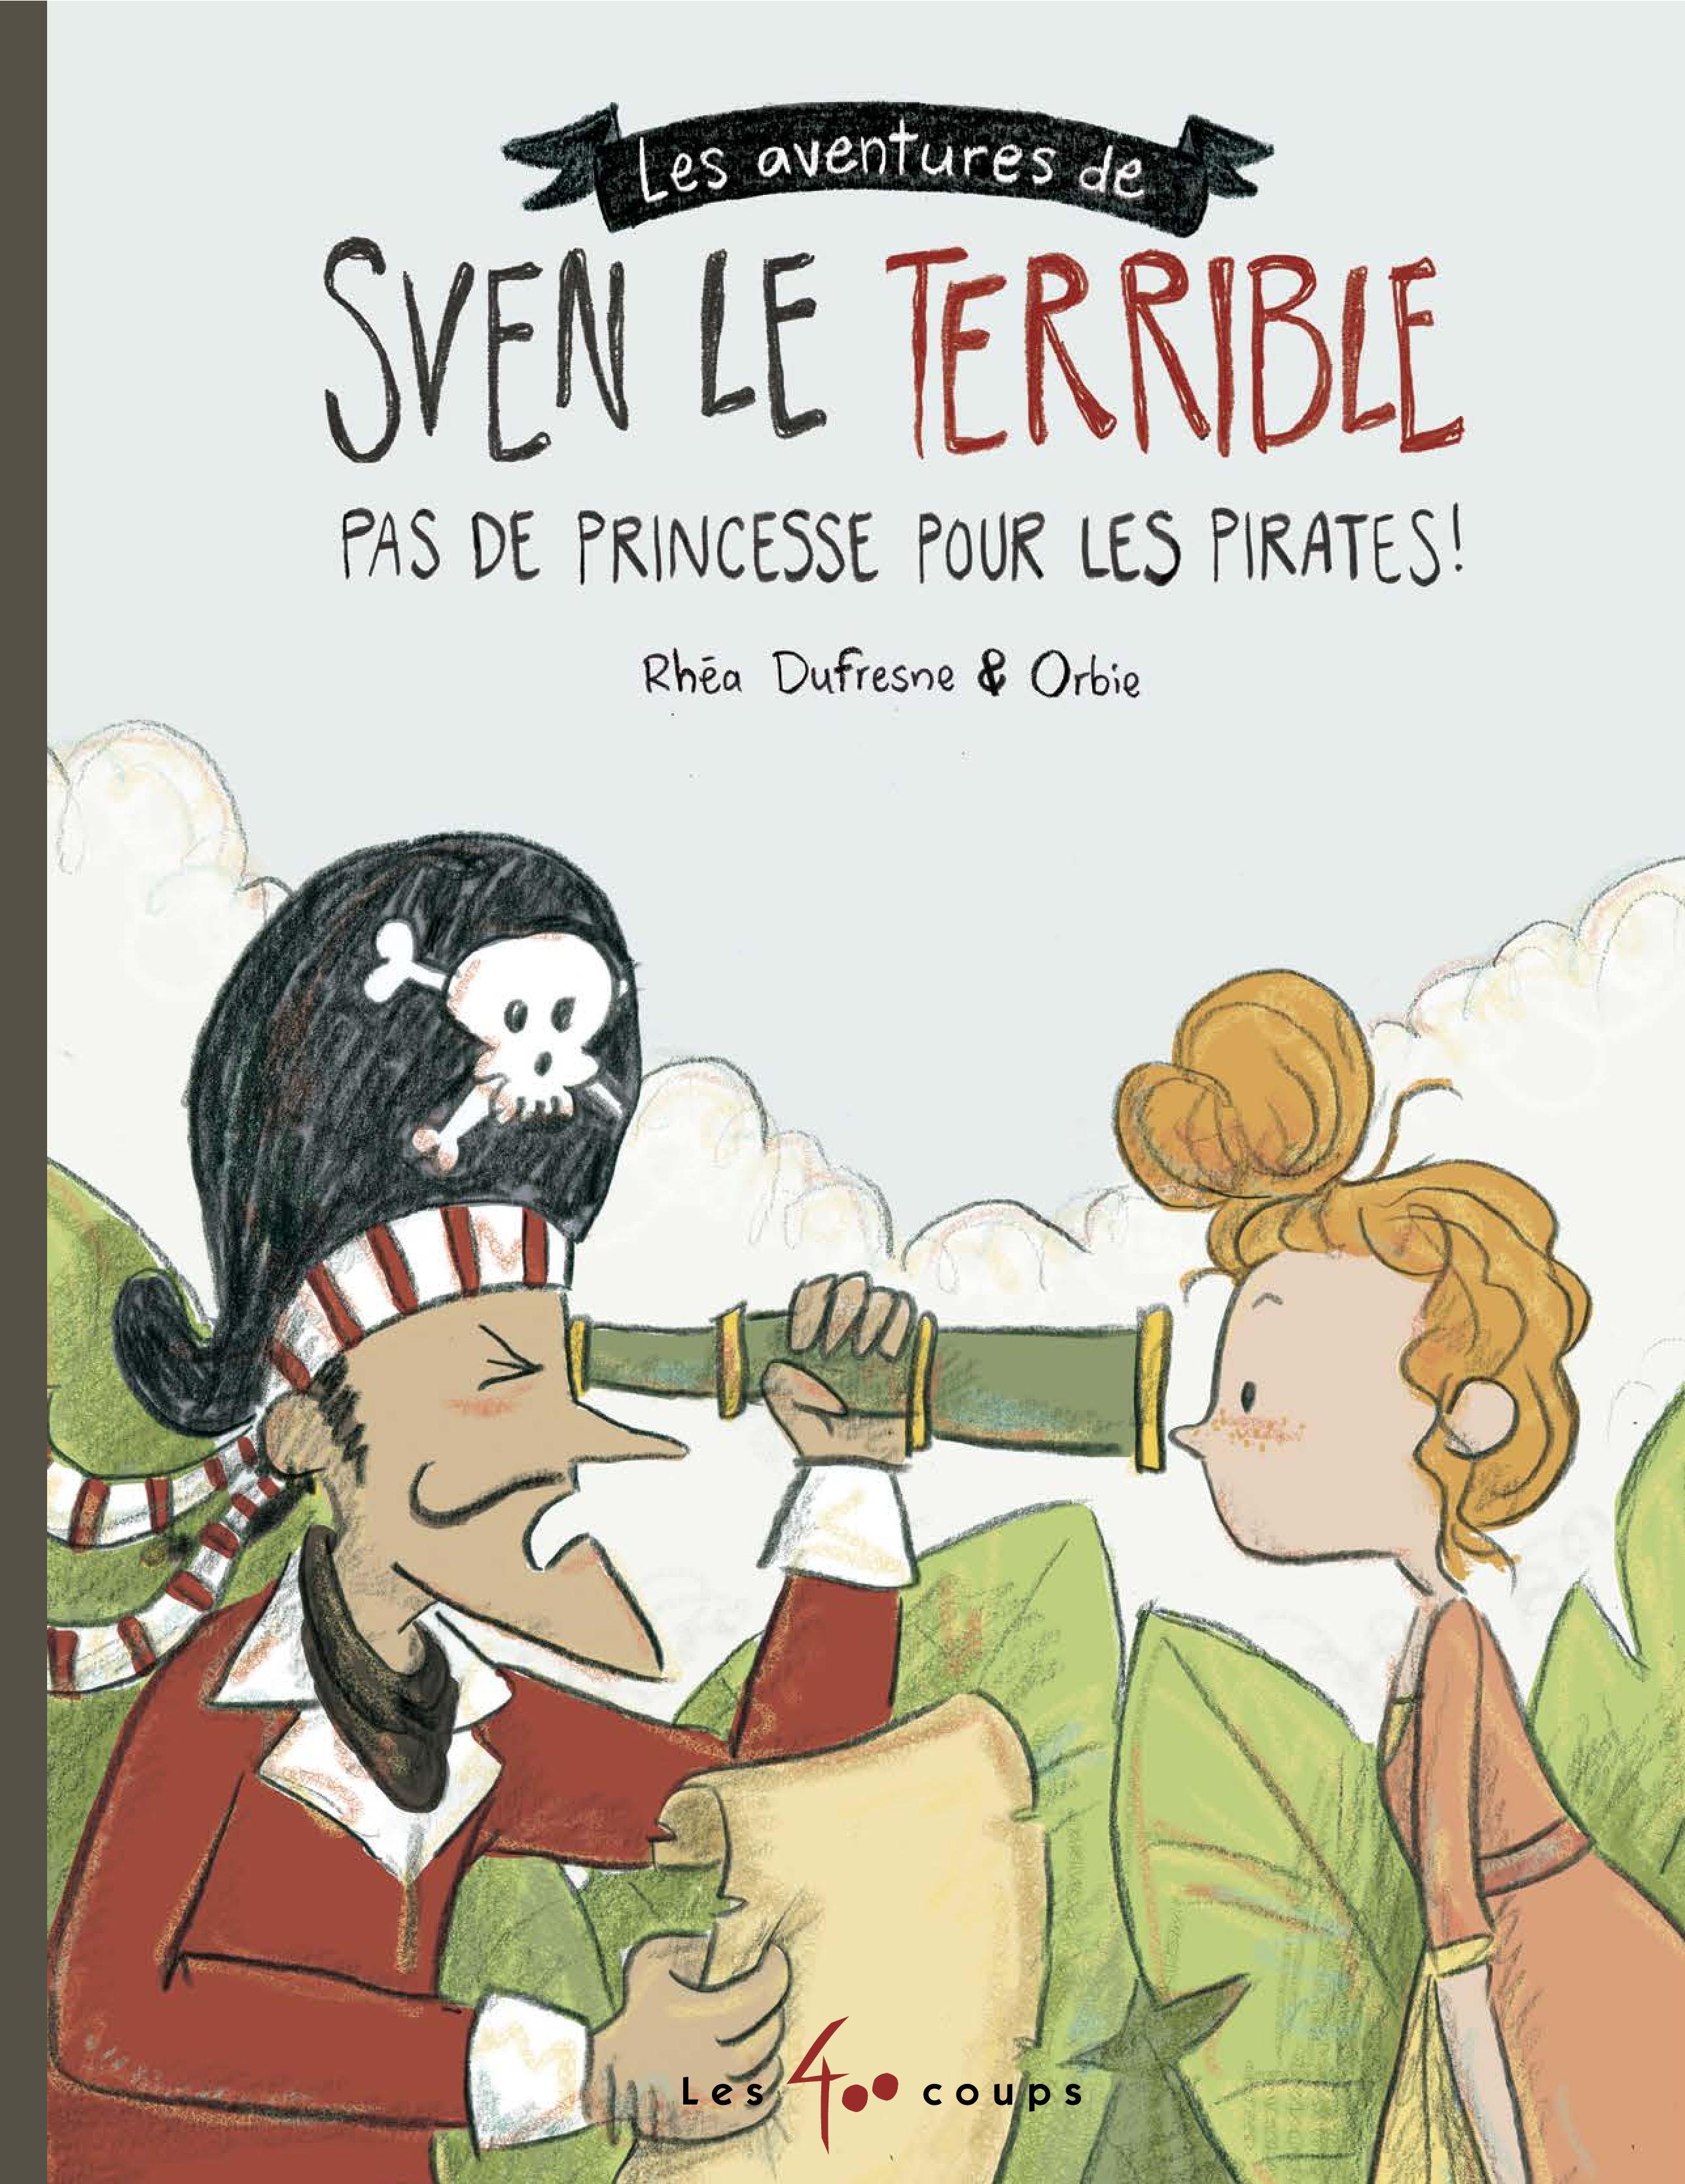 Sven le terrible dans Pas de princesse pour les pirates